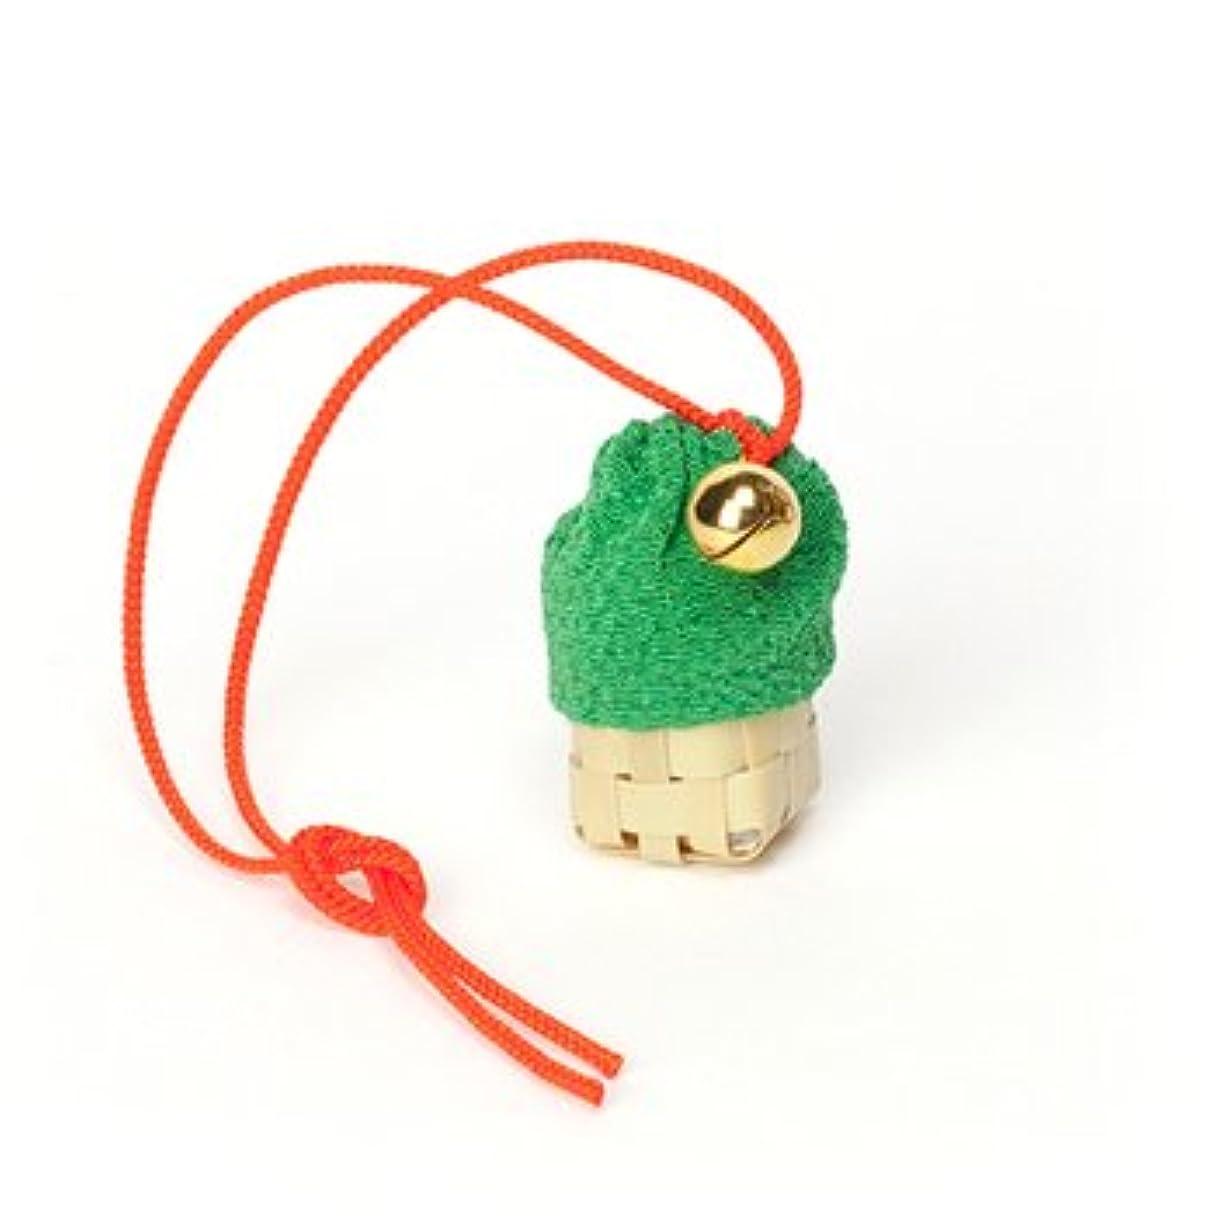 驚き添加パラシュート松栄堂 匂い袋 携帯用 ミニ籠 1個入 ケースなし (色をお選びください) (緑)